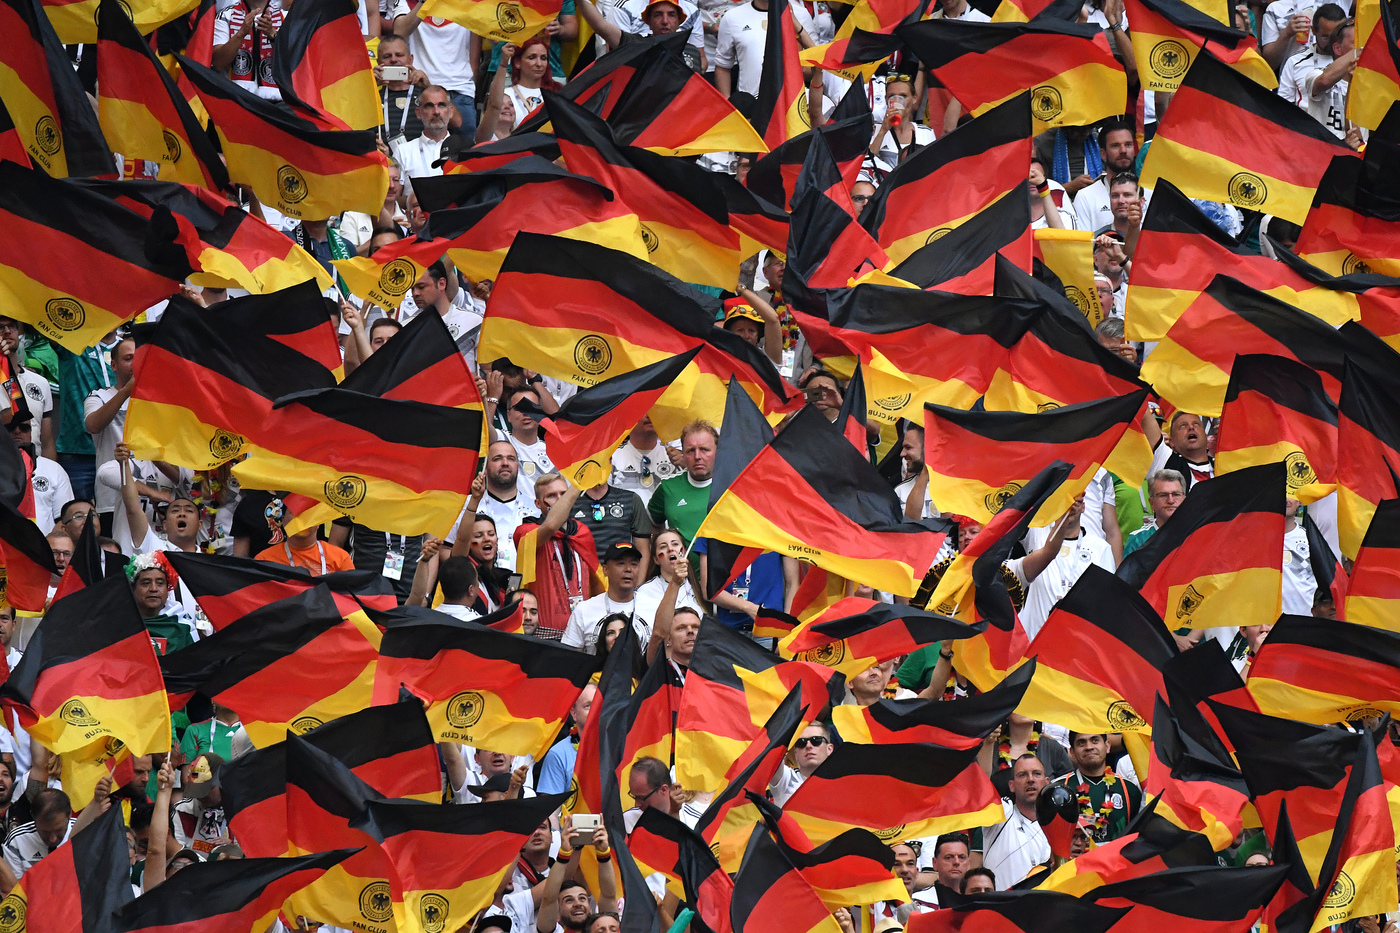 Germania-Danimarca 17 giugno: si gioca per la prima giornata del gruppo B degli Europei Under 21. Tedeschi favoriti per i 3 punti.